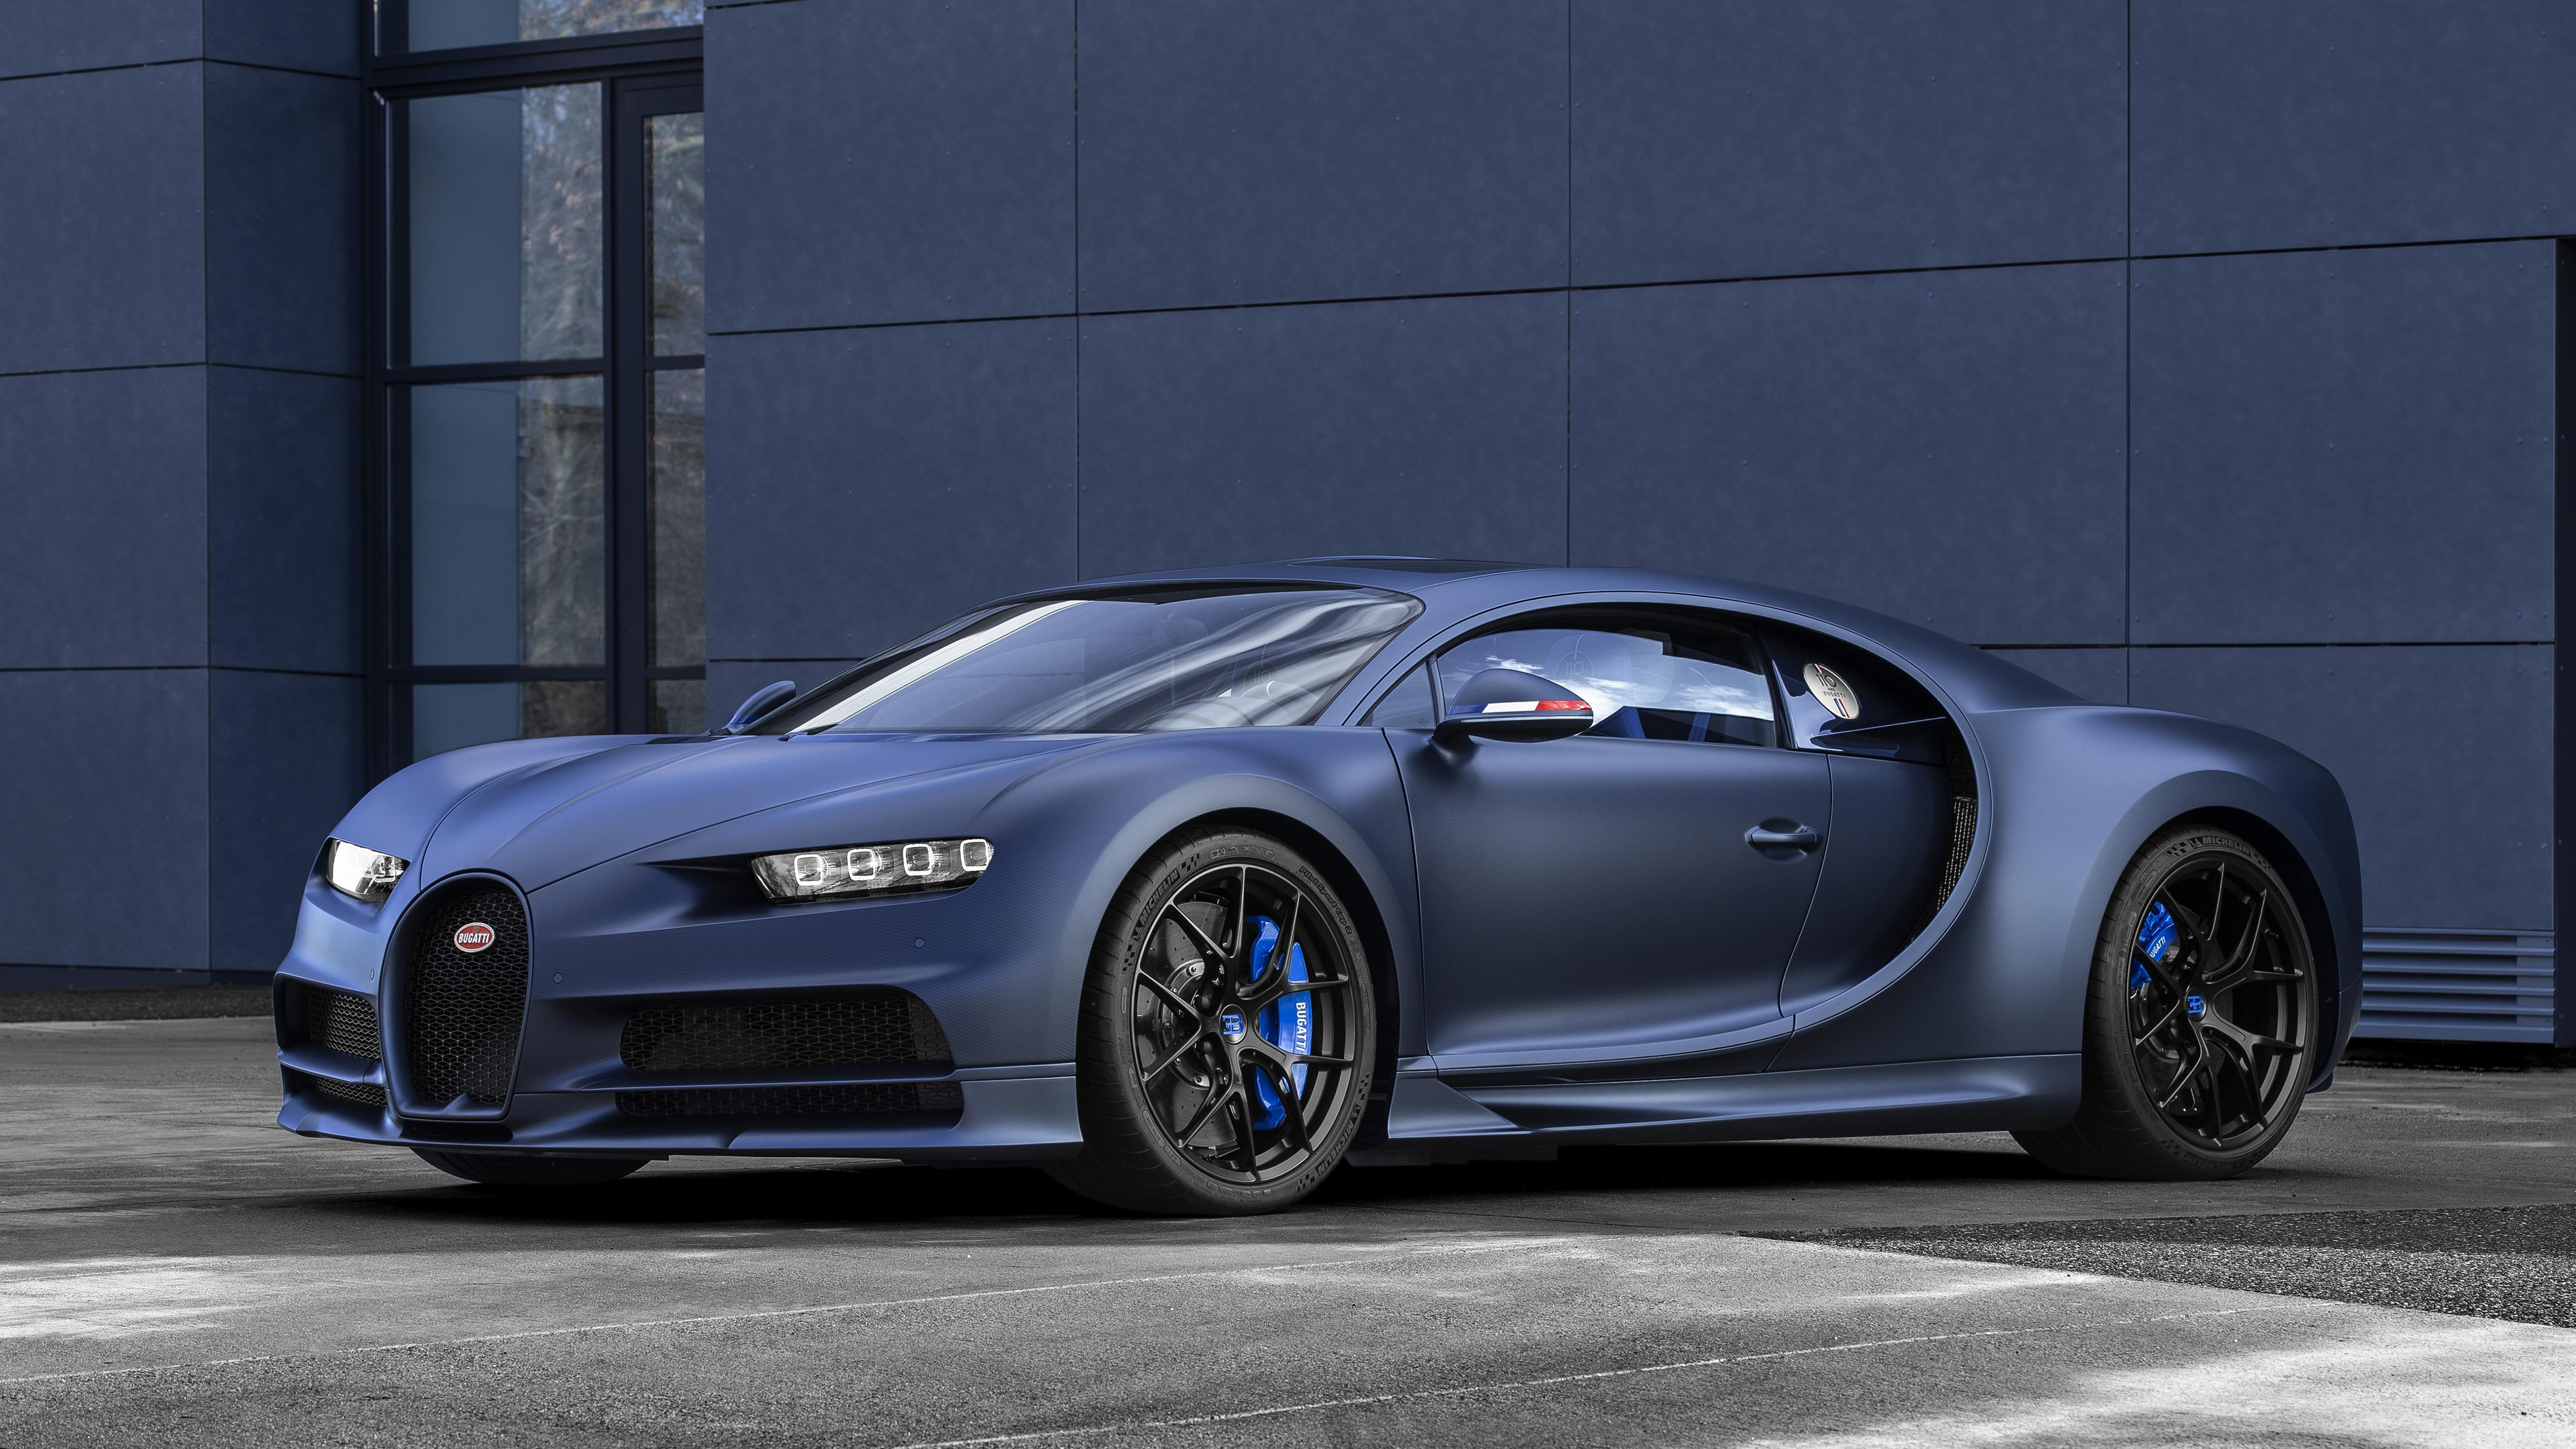 Bugatti Chiron Sport 110 Ans Bugatti 2019 5k Wallpaper Hd Car Wallpapers Id 12013